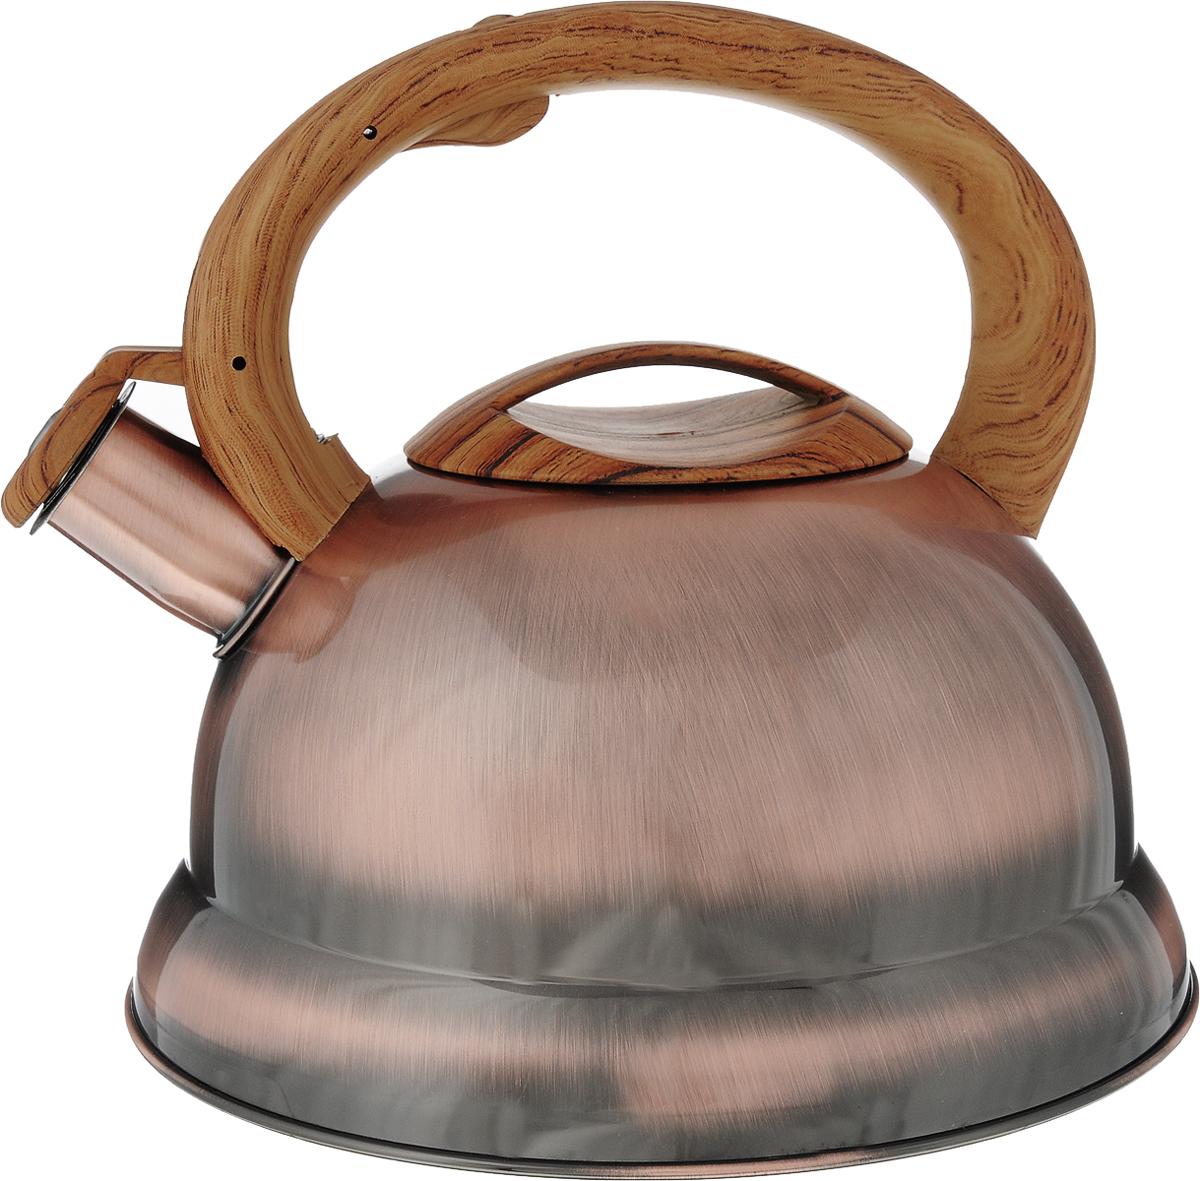 Чайник Bekker, со свистком, цвет: бронзовый, 3,5 л. BK-S413115510Чайник Bekker выполнен из высококачественной нержавеющей стали, что обеспечивает долговечность использования. Внешнее глянцевое покрытие придает приятный внешний вид. Бакелитовая фиксированная ручка делает использование чайника очень удобным и безопасным. Крышка и ручка декорированы под дерево. Чайник снабжен свистком и устройством для открывания носика, которое находится на ручке. Изделие оснащено цельнометаллическим дном, что способствует медленному остыванию чайника.Можно мыть в посудомоечной машине. Пригоден для всех видов плит, включая индукционные.Диаметр чайника по верхнему краю: 9,5 см. Высота чайника (без учета крышки и ручки): 13 см.Высота чайника (с учетом ручки): 20 см.